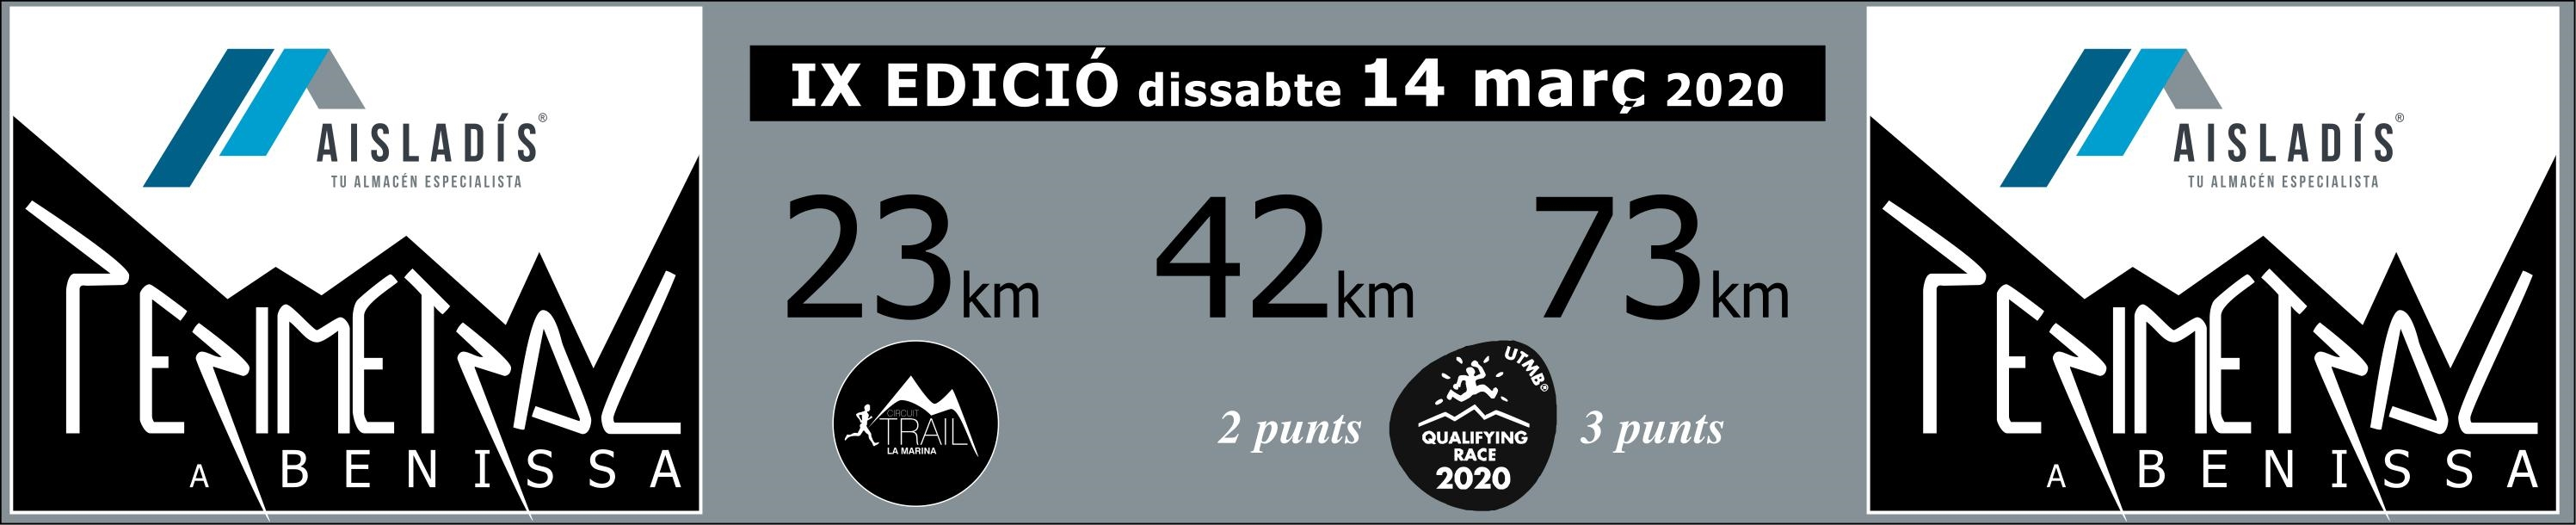 Aisladís Perimetral a Benissa 2021